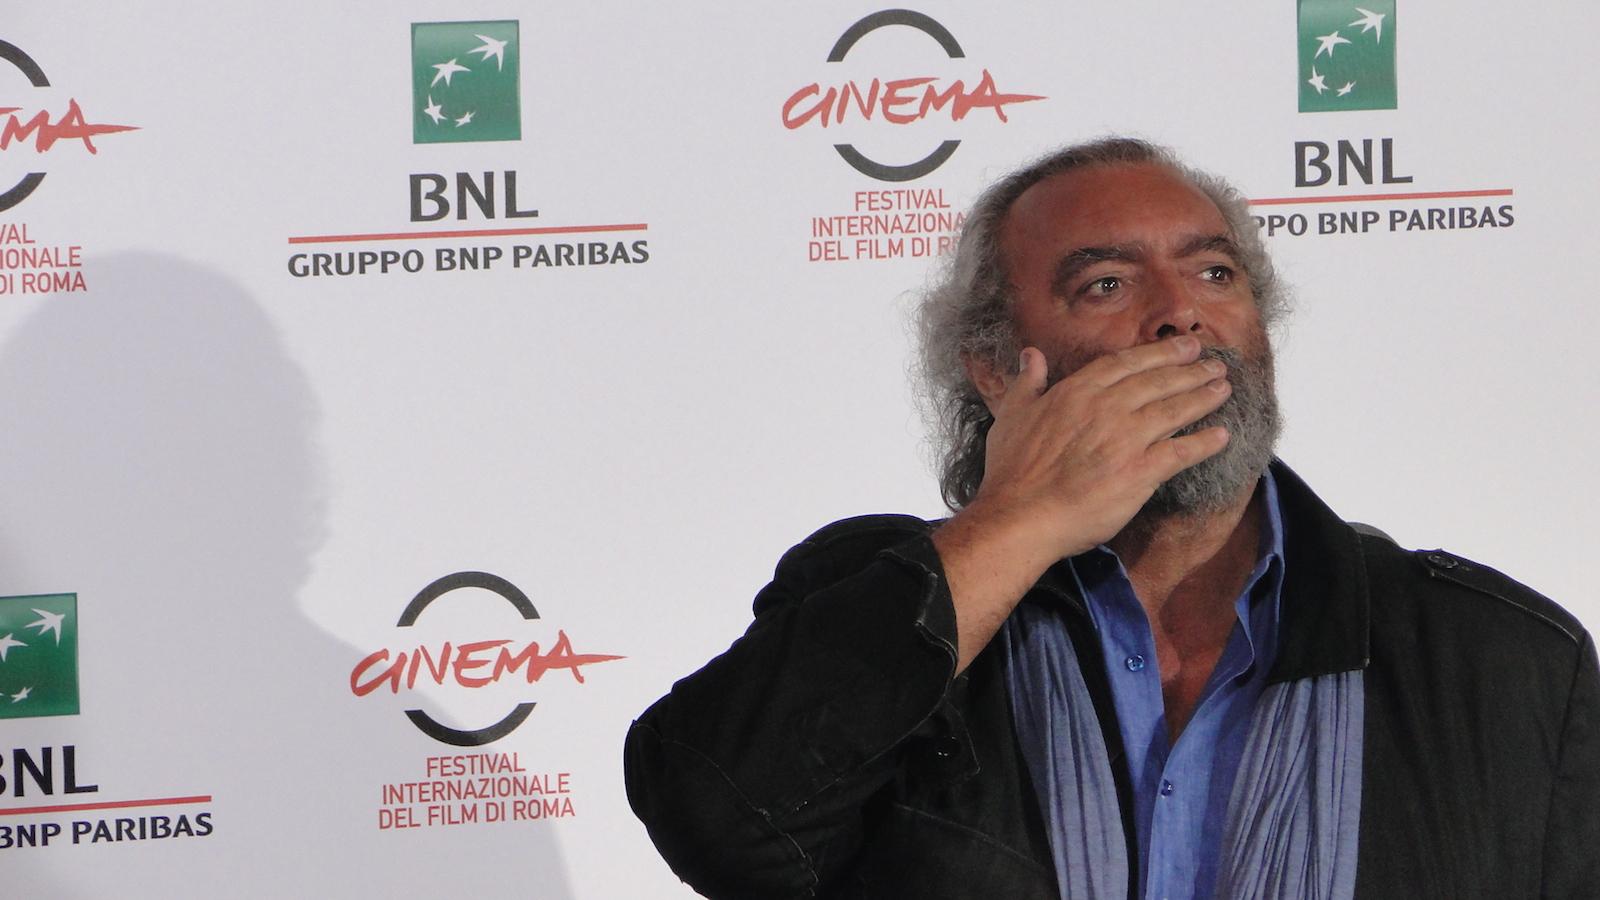 Soap Opera: Diego Abatantuono al photocall di Roma 2014